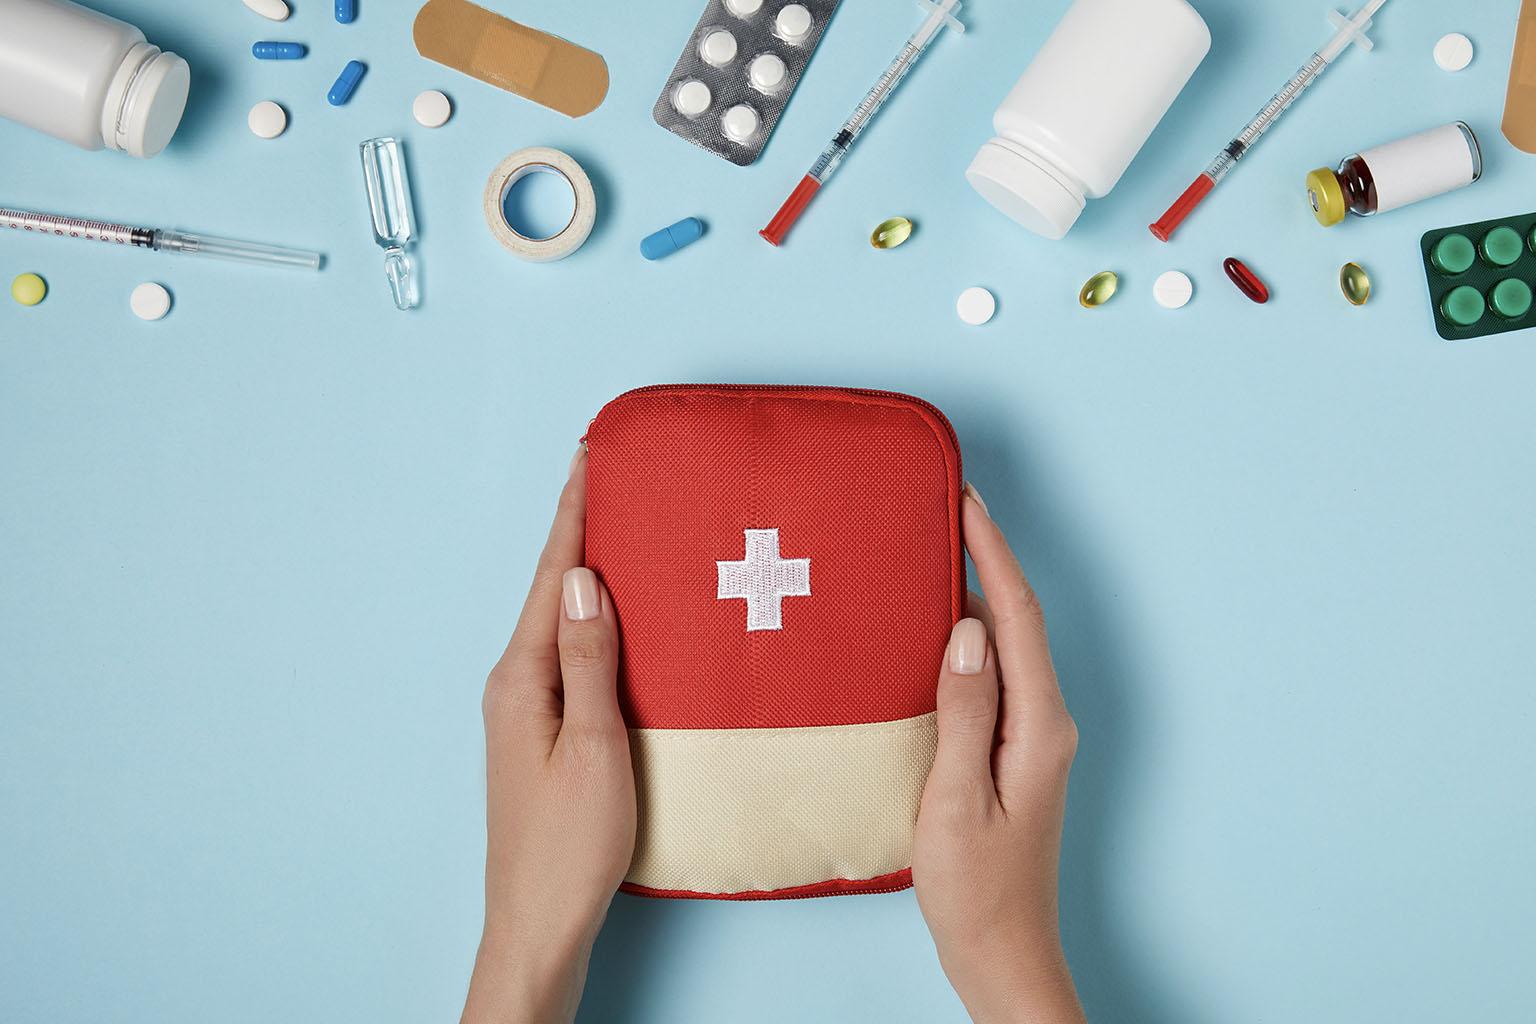 Co powinna zawierać domowa apteczka? Kobiece dłonie trzymające czerwoną apteczkę.